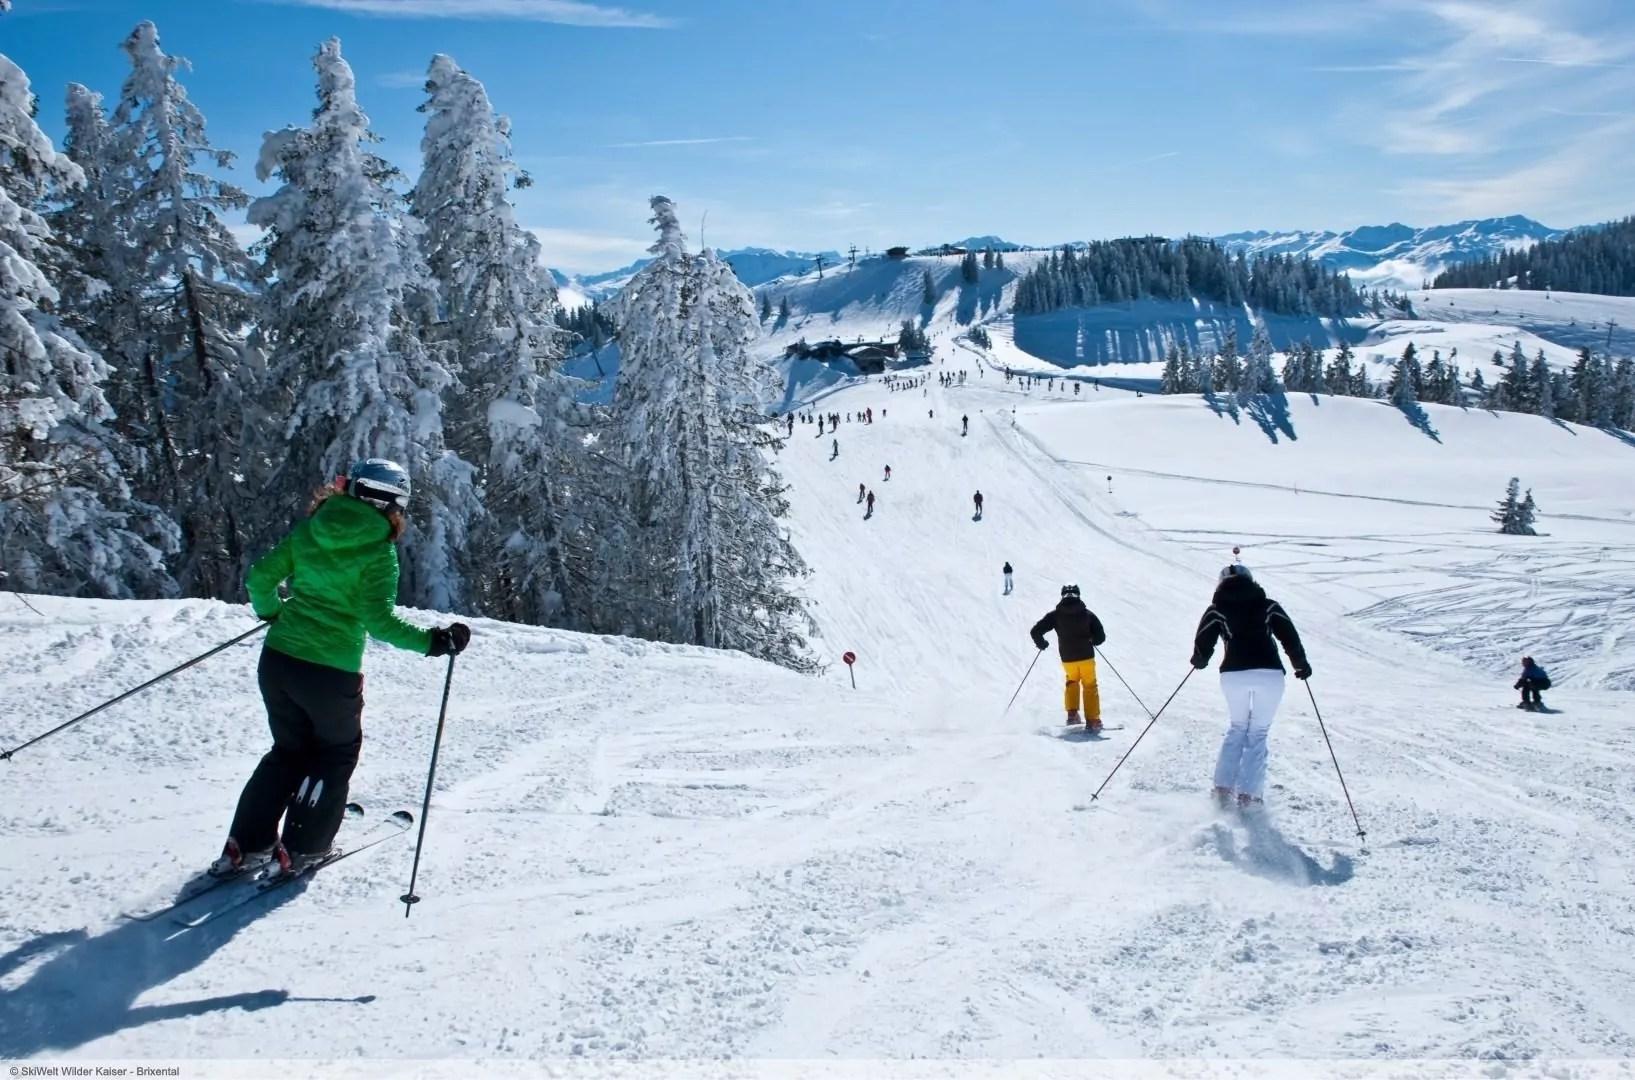 wintersport en aanbiedingen in Itter